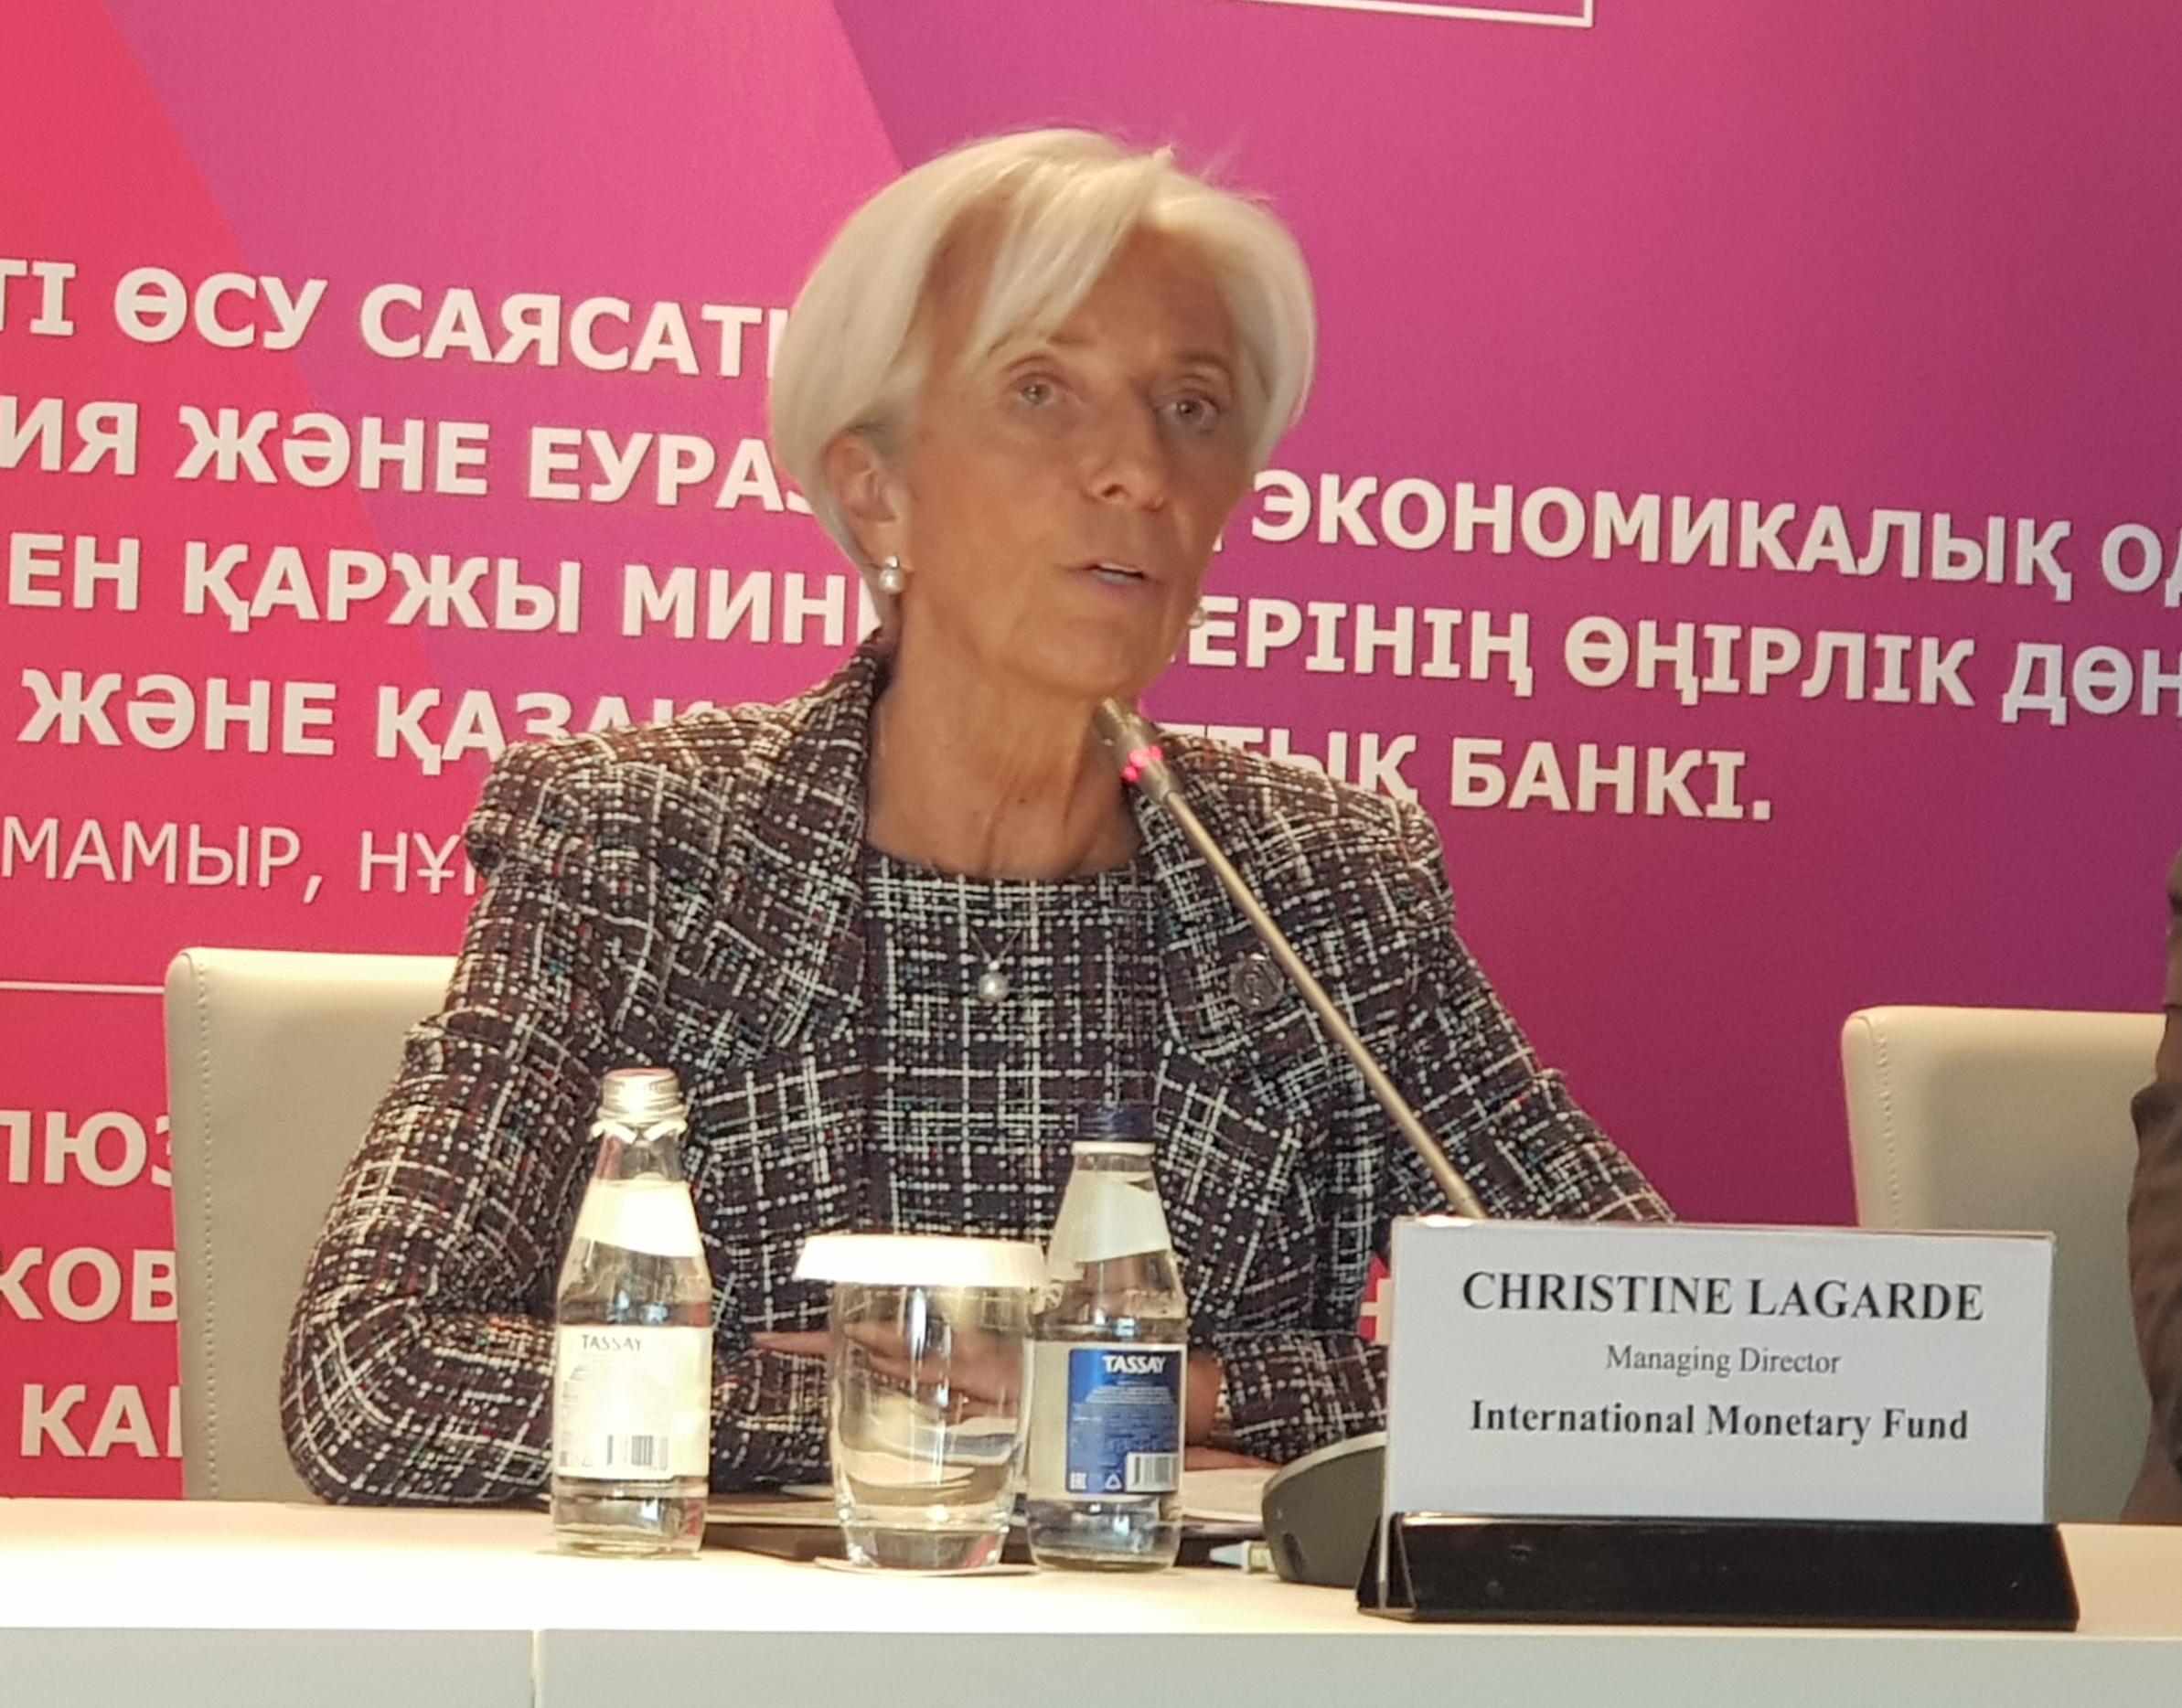 كريستين لاجارد فى منتدى أستانا  (3)